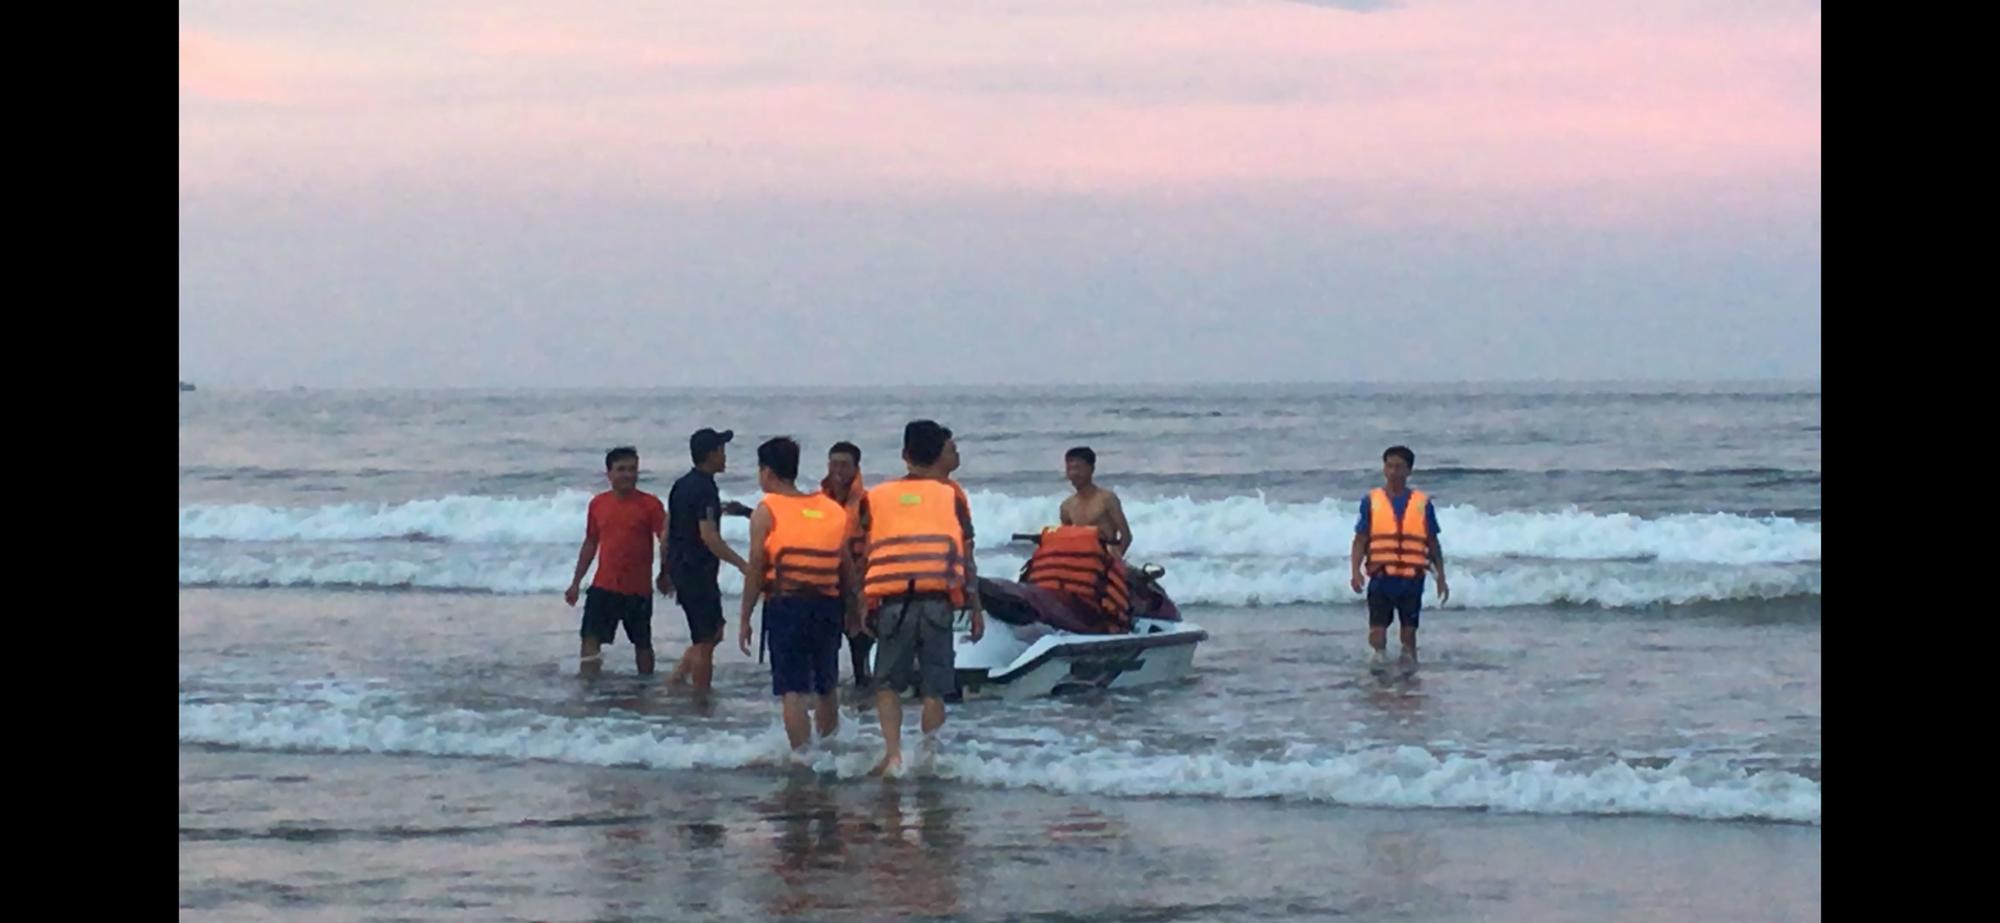 Thanh Hóa: Lật phao khi đi bơi biển, 4 thanh niên bị sóng cuốn xa bờ - Ảnh 1.